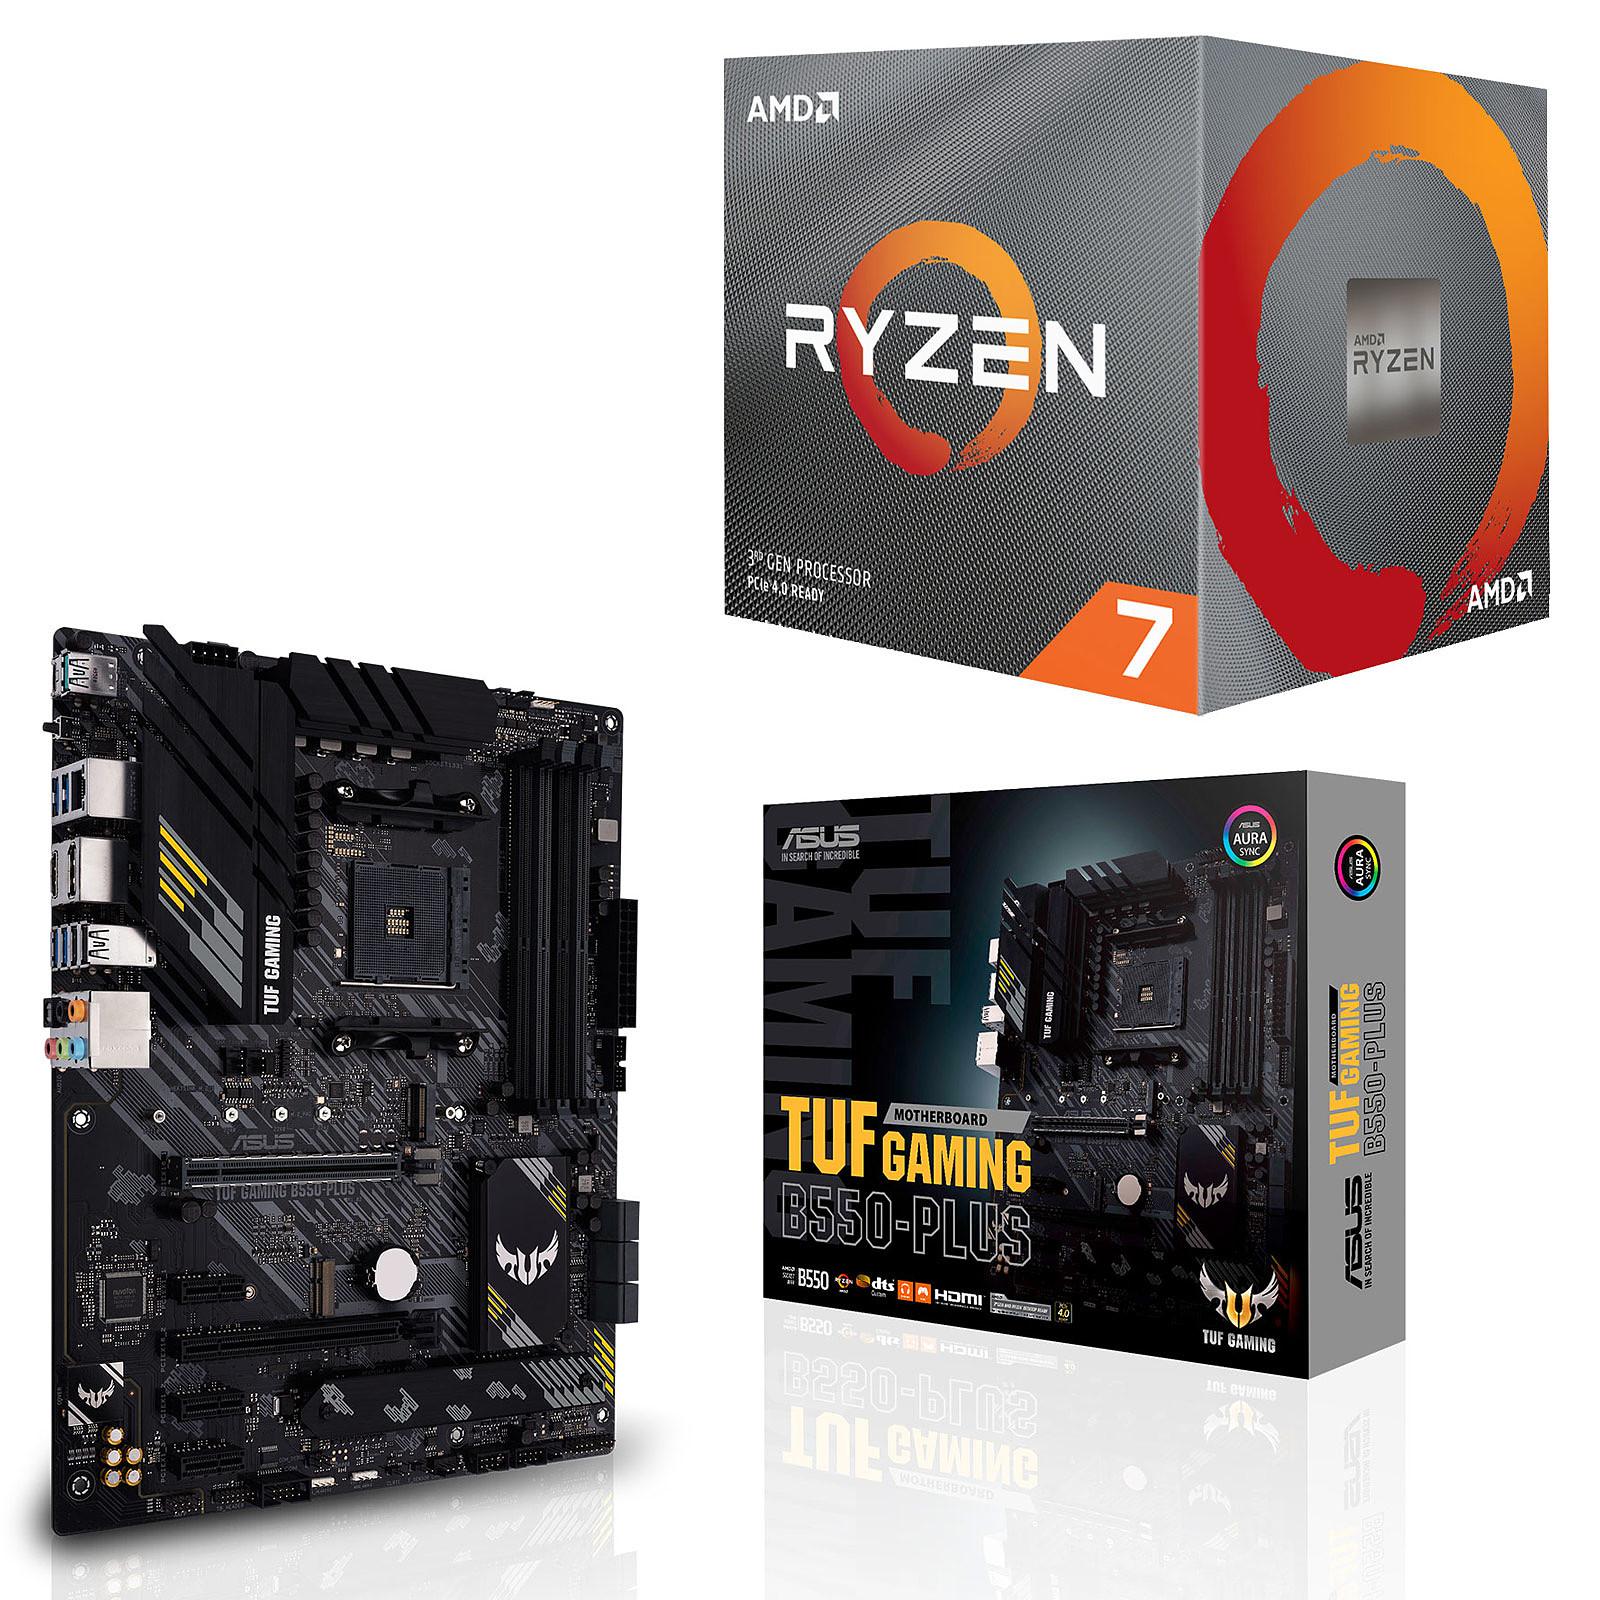 Kit Upgrade PC AMD Ryzen 7 3700X ASUS TUF GAMING B550-PLUS